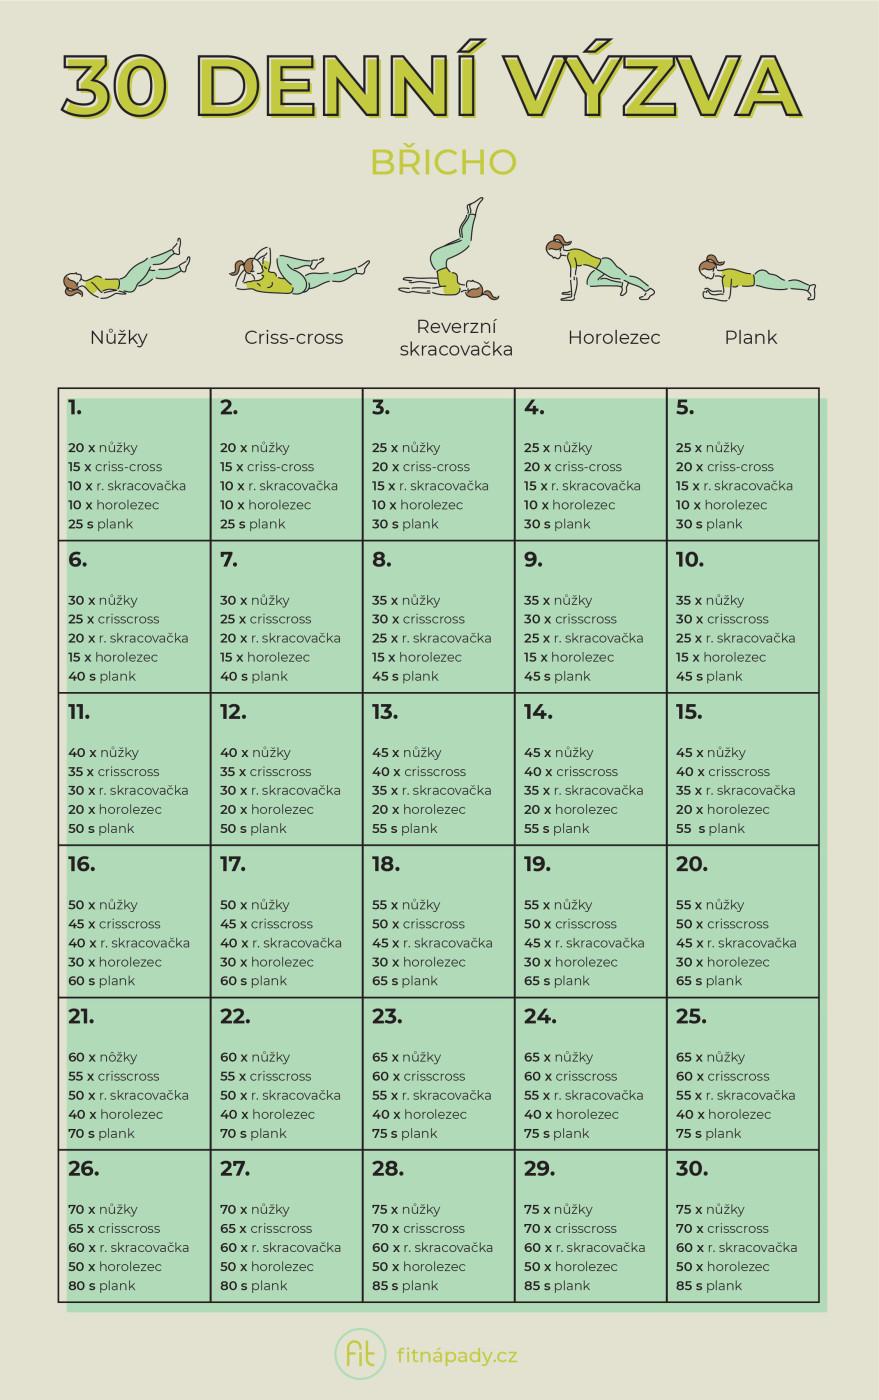 30 denni vyzva bricho